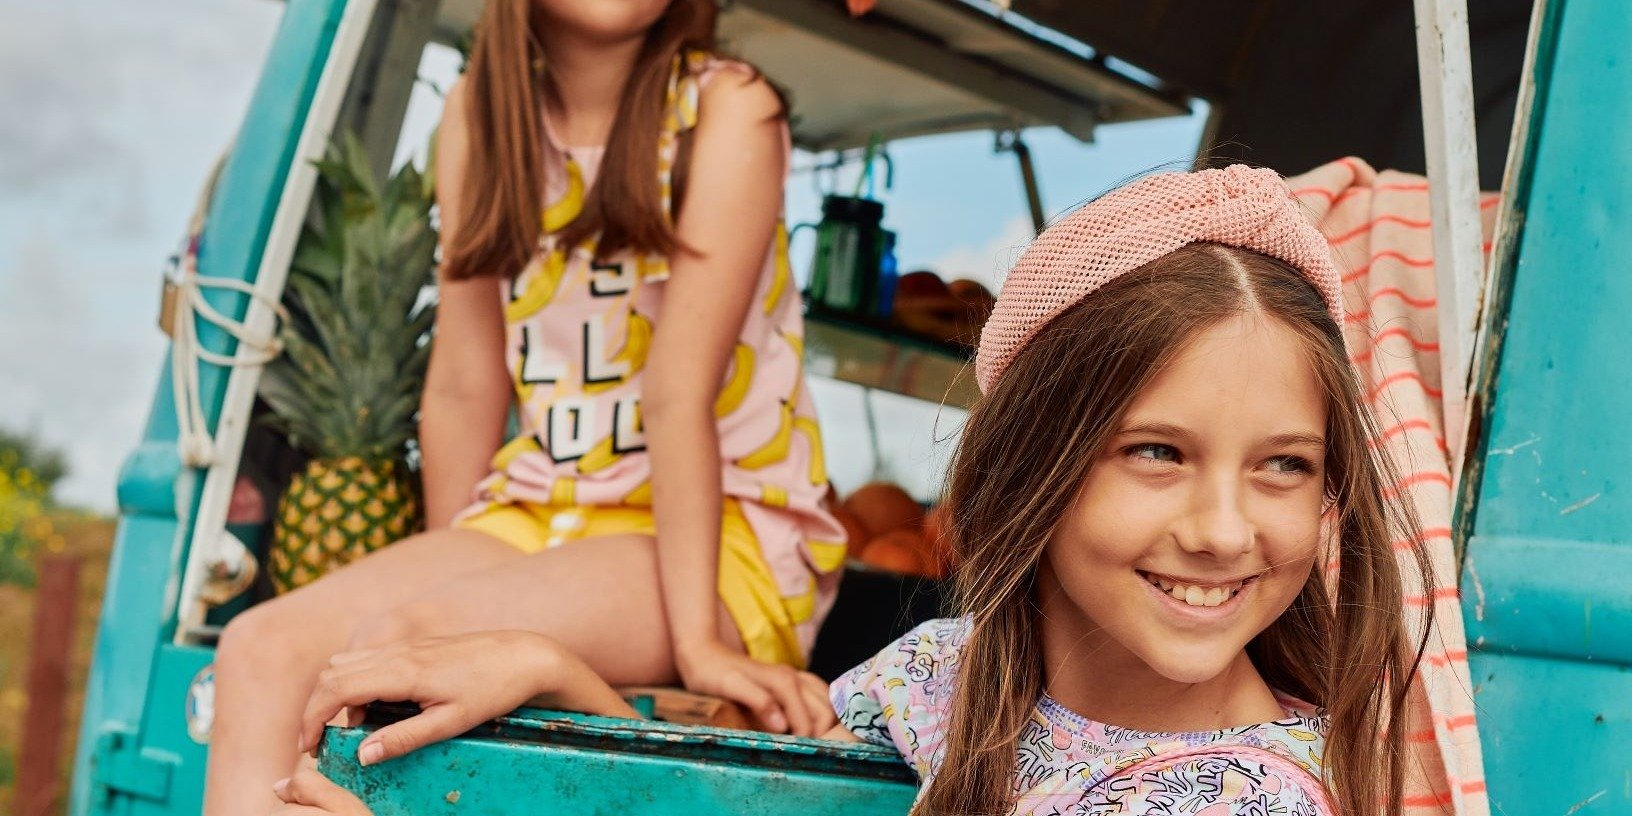 Małe, wielkie przygody, czyli wiosenne wyprawy z dziećmi